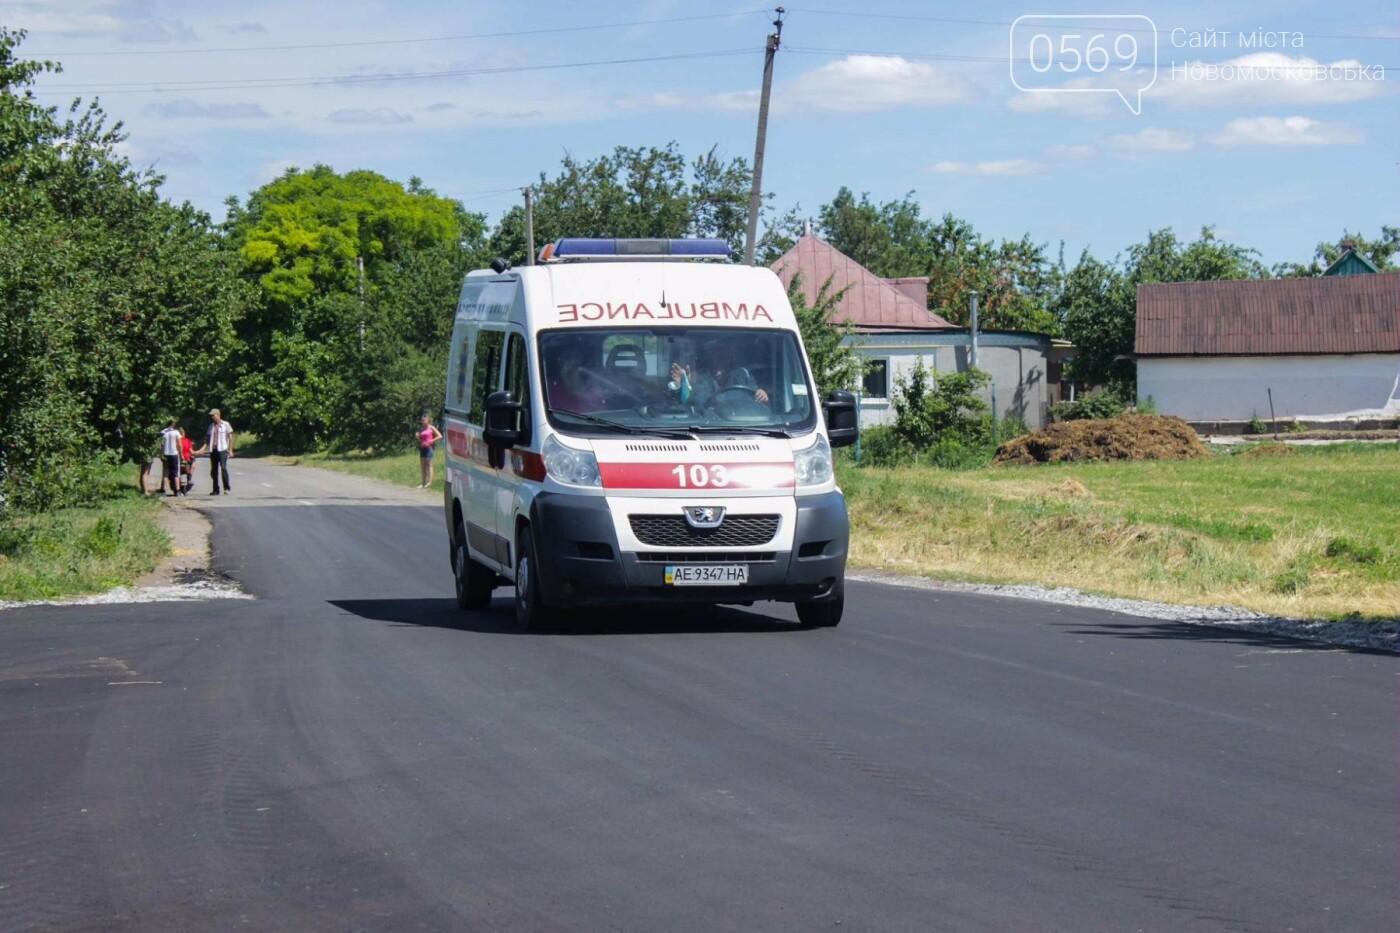 В селе на Новомосковщине отремонтировали две дороги, фото-3